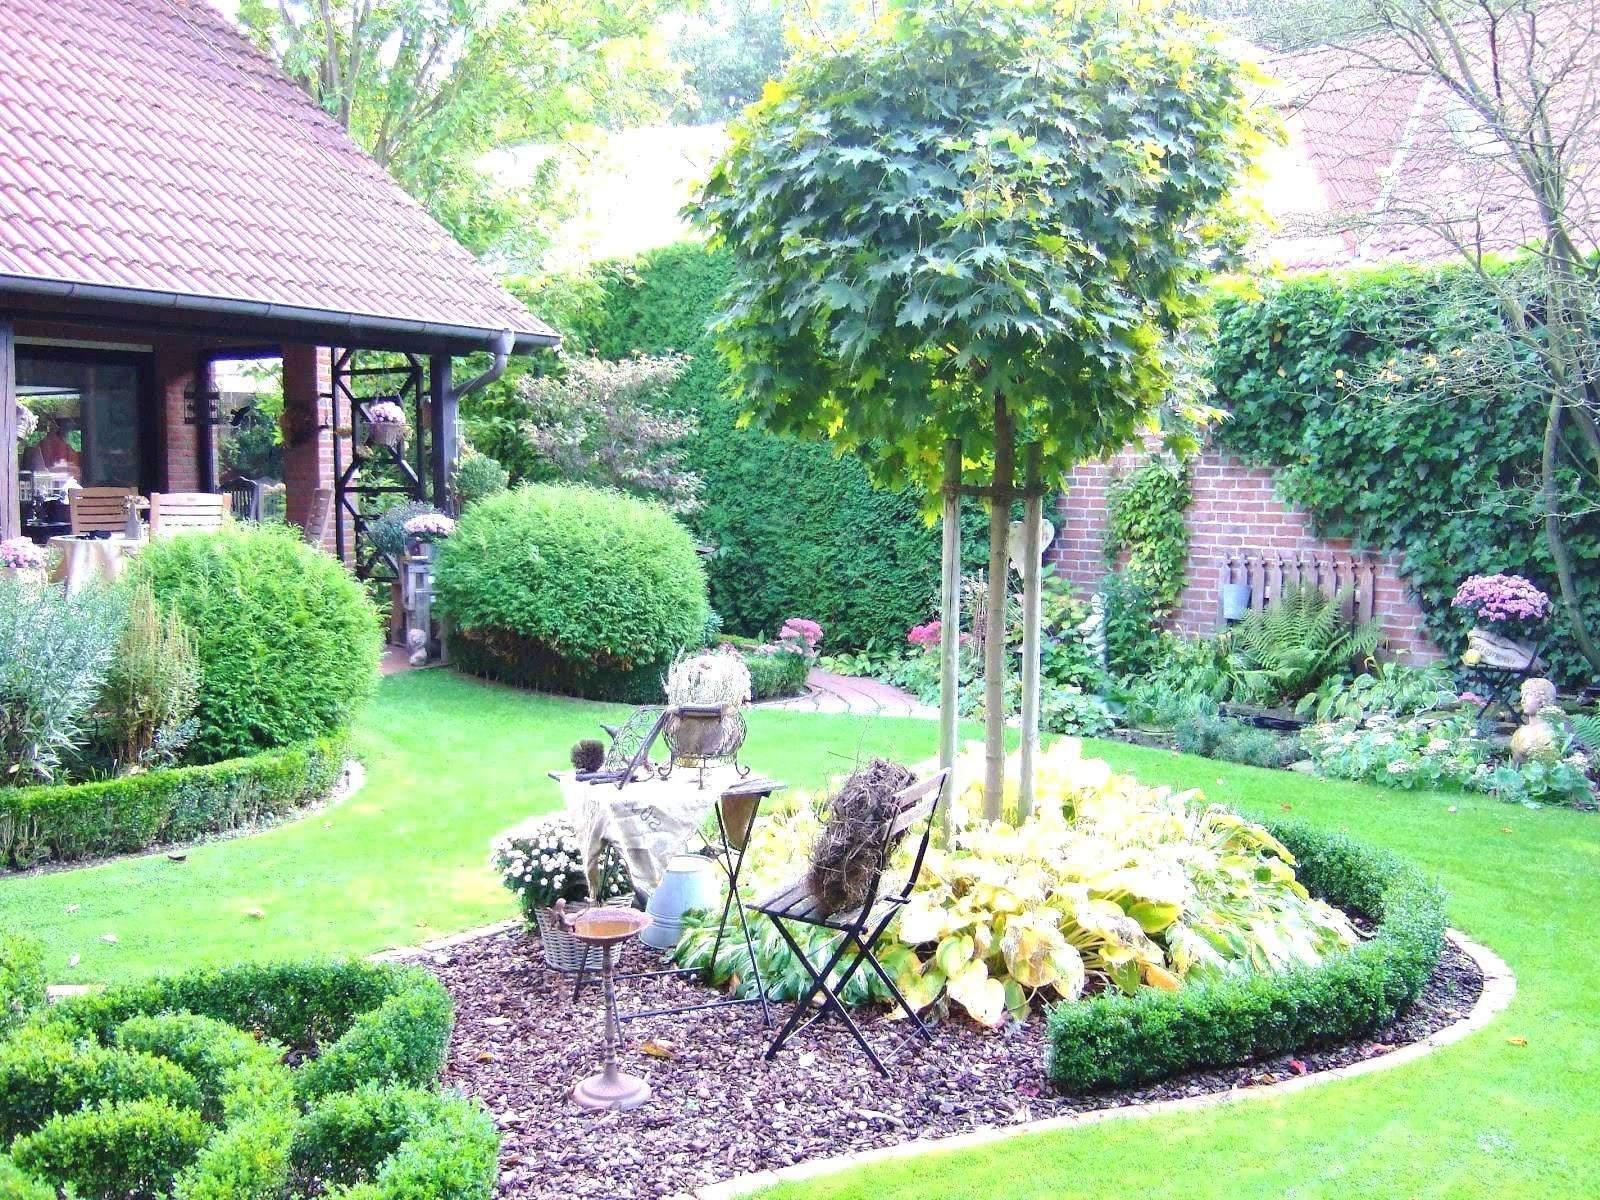 Garten Anlegen Ideen Das Beste Von Garten Ideas Garten Anlegen Inspirational Aussenleuchten